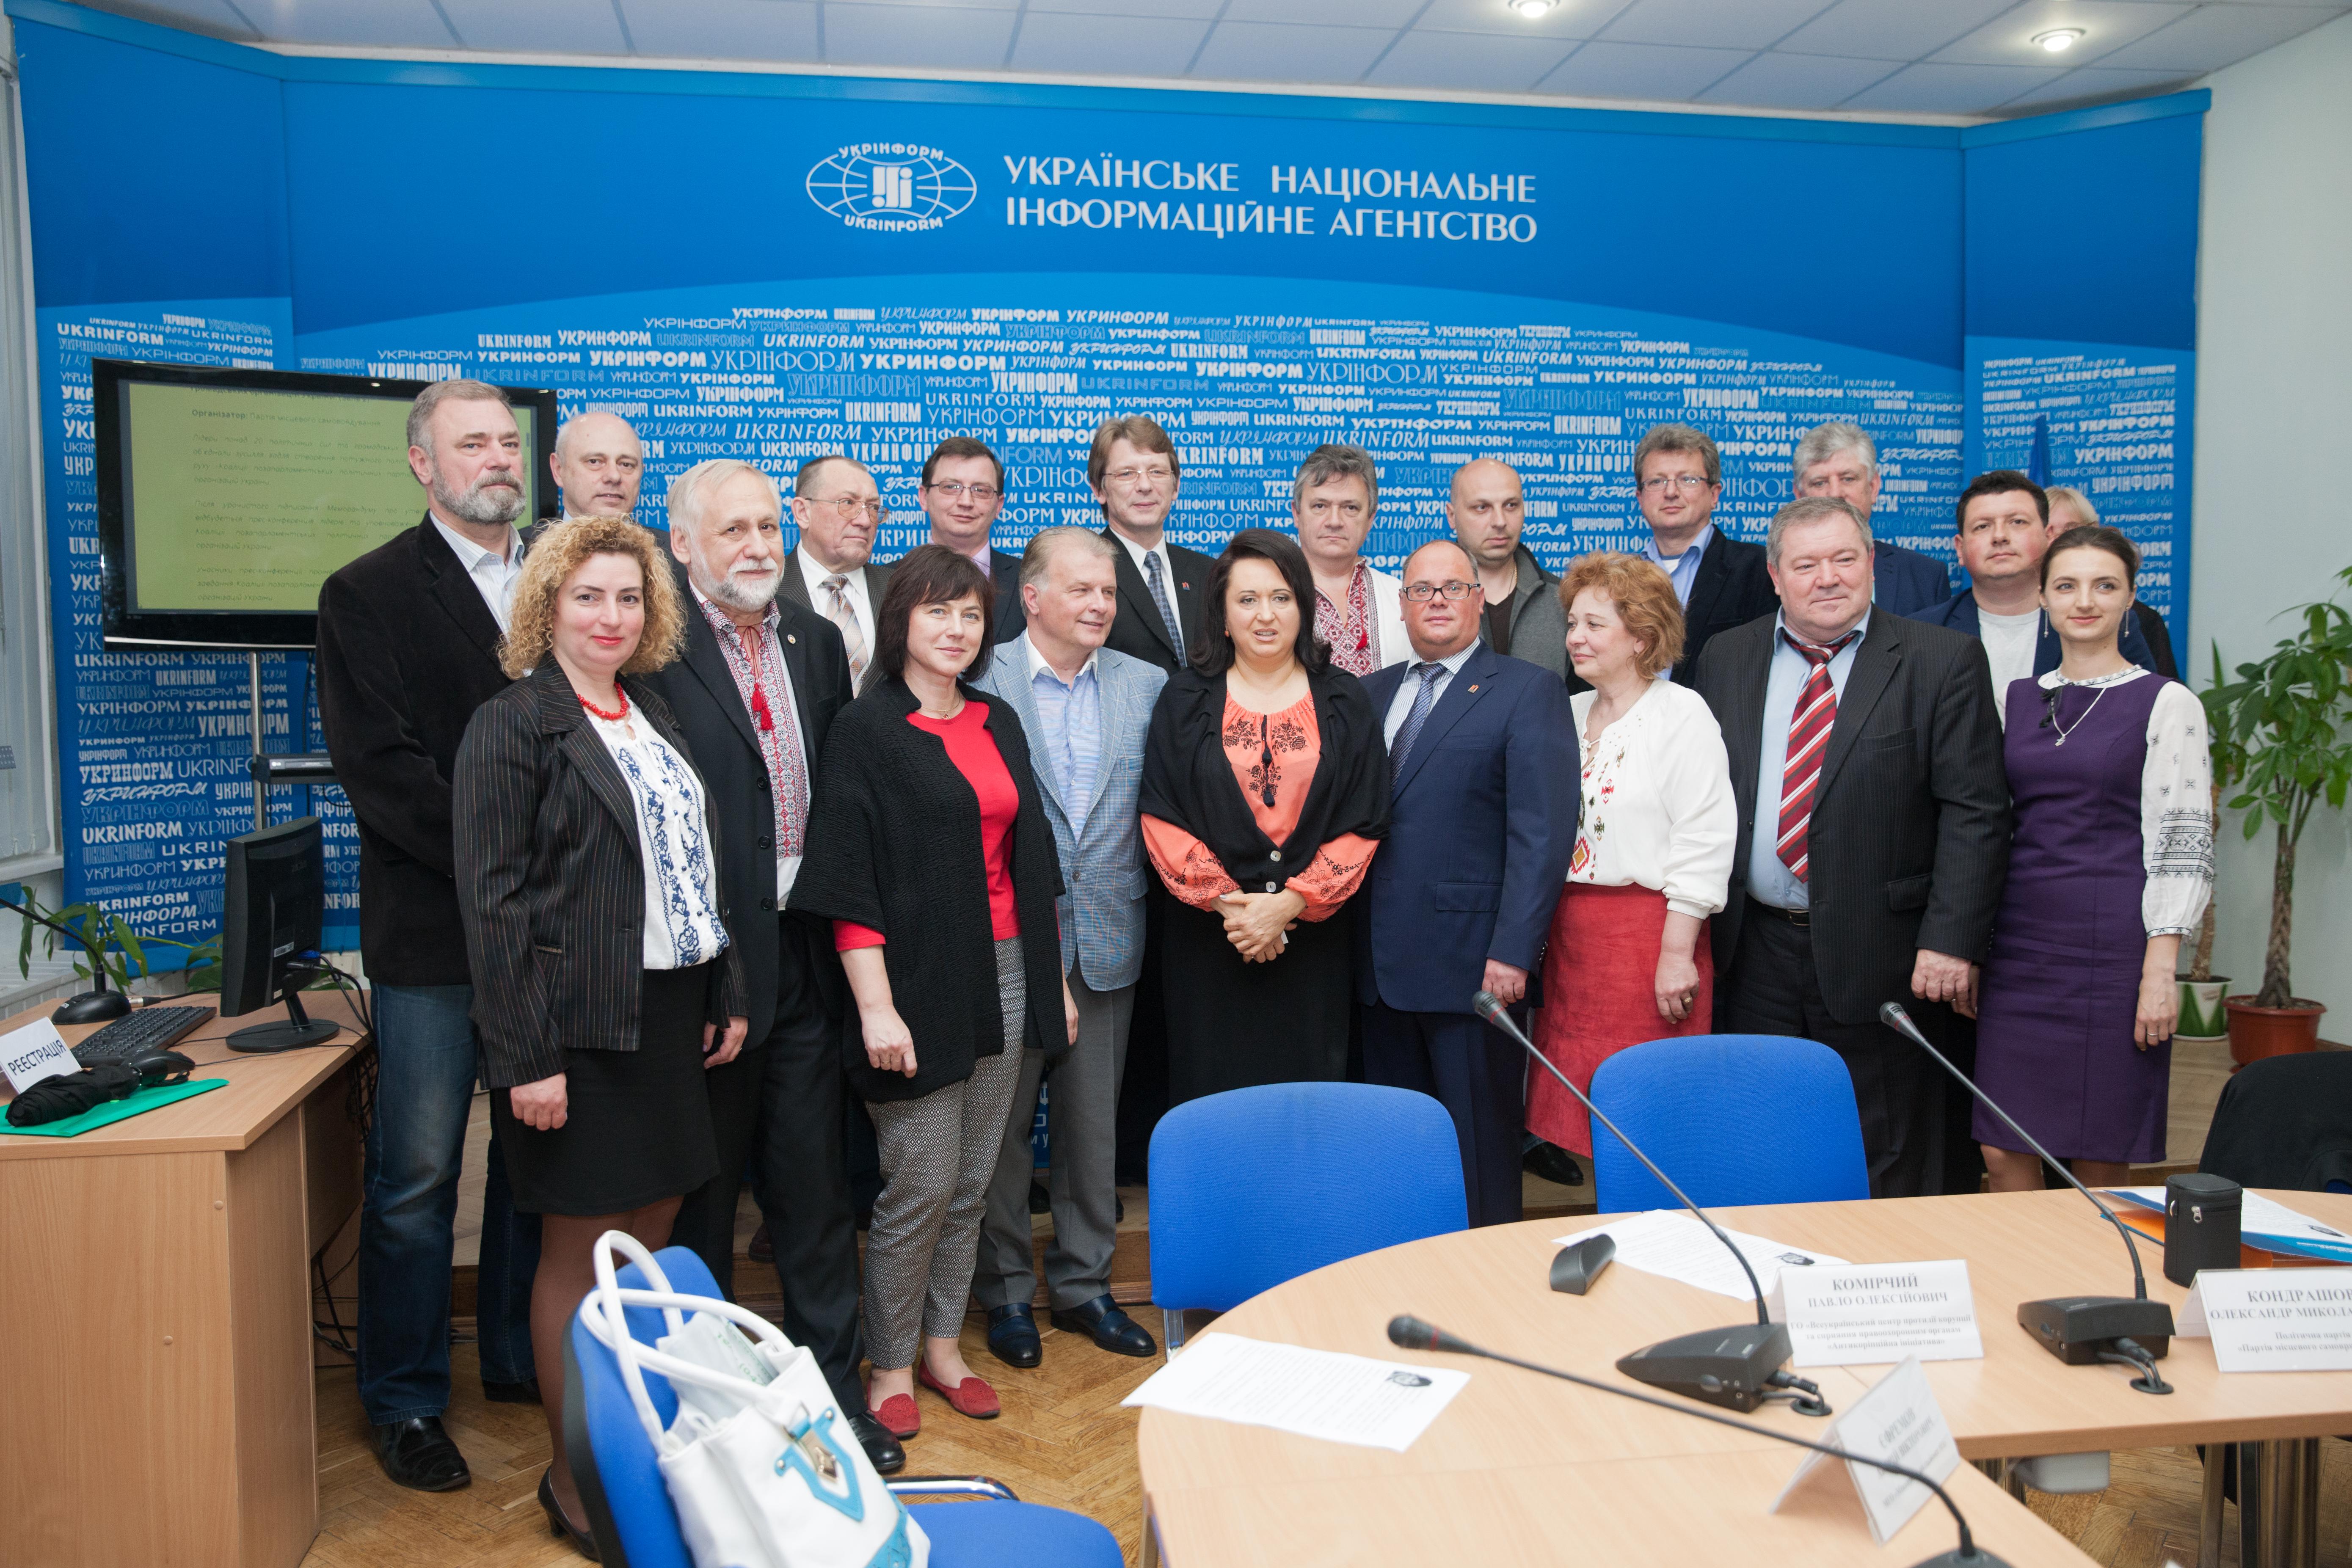 Александр Кондрашов: «Непарламентские силы будут входить во власть сообща»